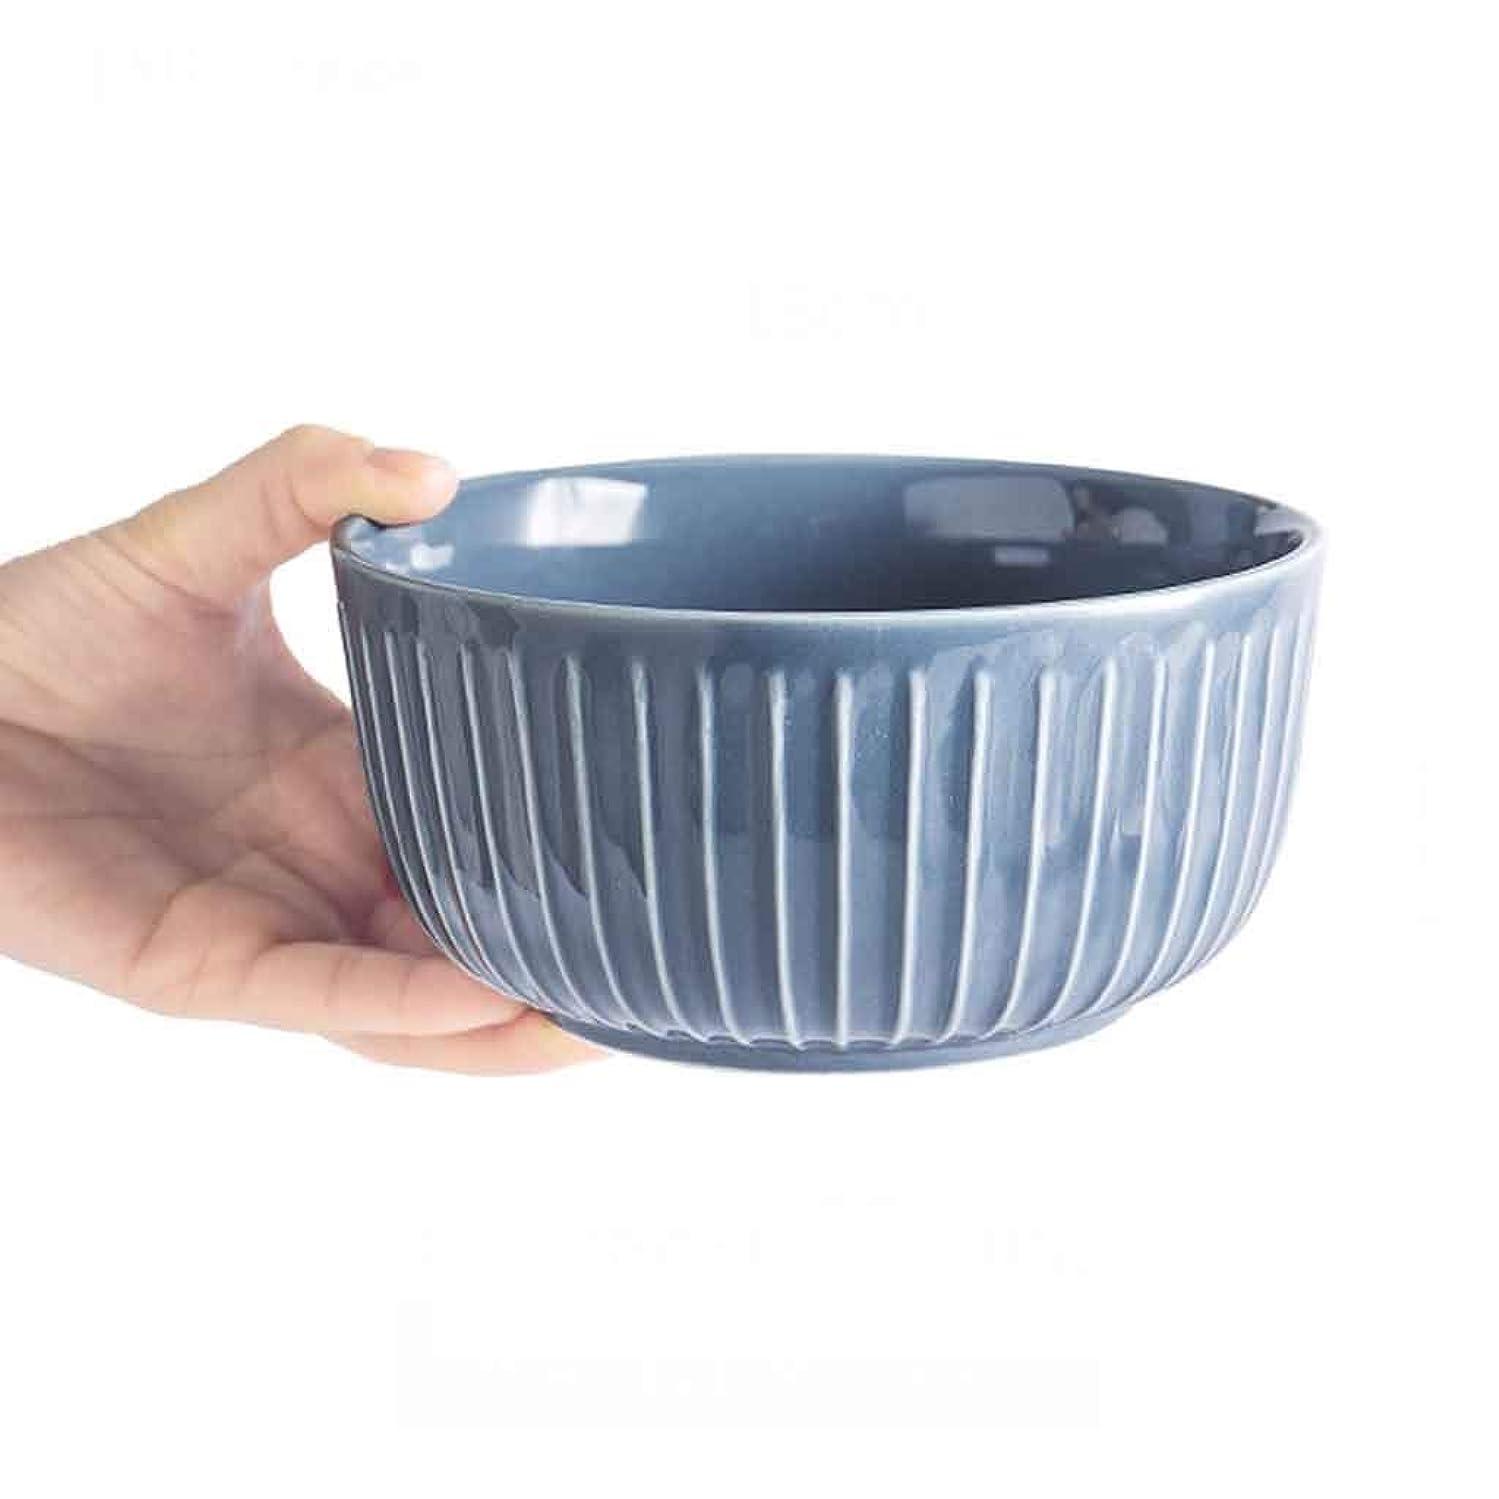 トライアスロン途方もない変装したスープボウル、家庭用ソリッドカラー4.5インチヨーロッパレトロセラミックボウルライスボウルお粥ボウル用ホームキッチンレストラン食器フルーツスナックボウルデザートボウル (色 : Blue-gray, サイズさいず : 4.5inchx2)